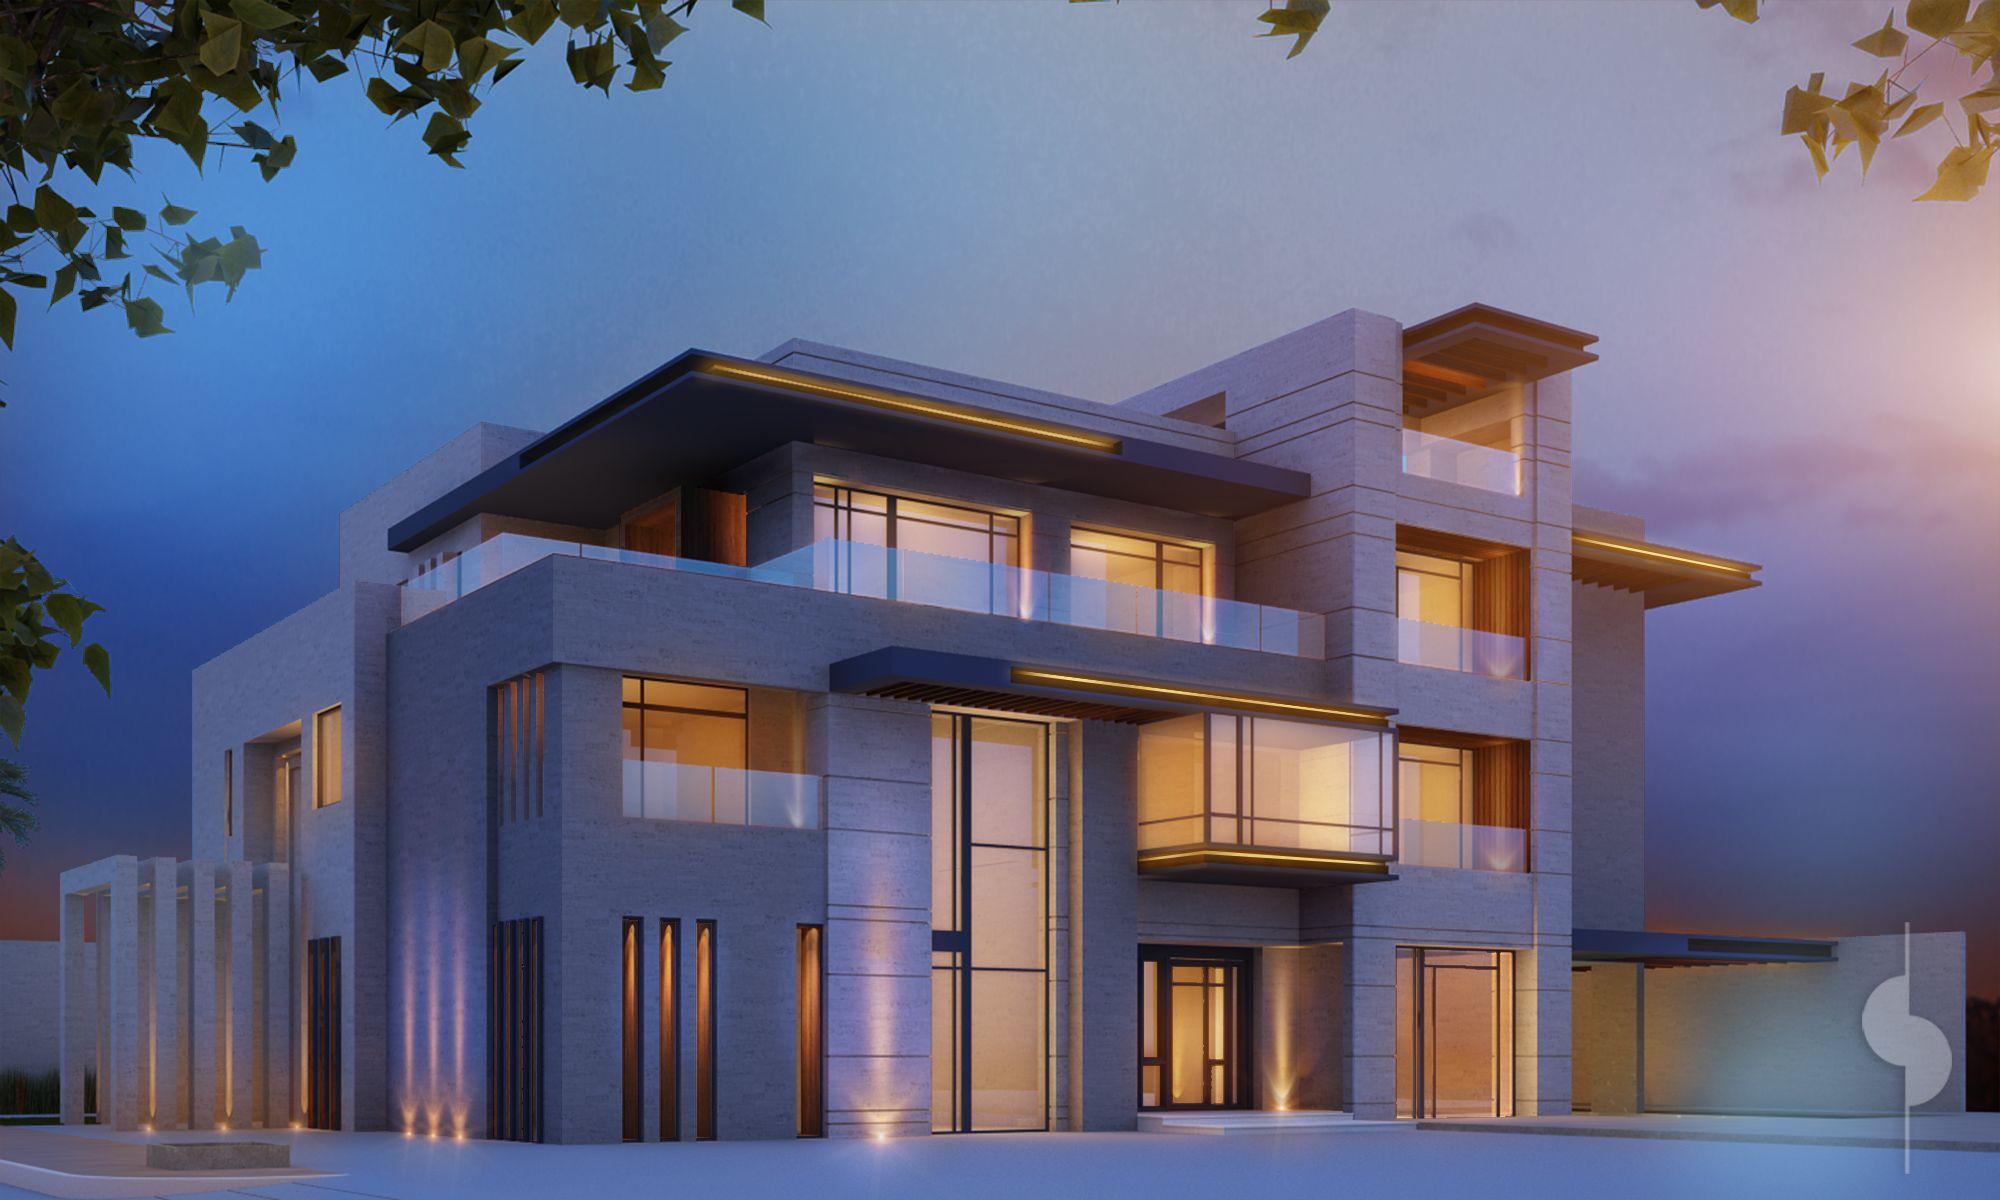 House Design 3800 m plot private